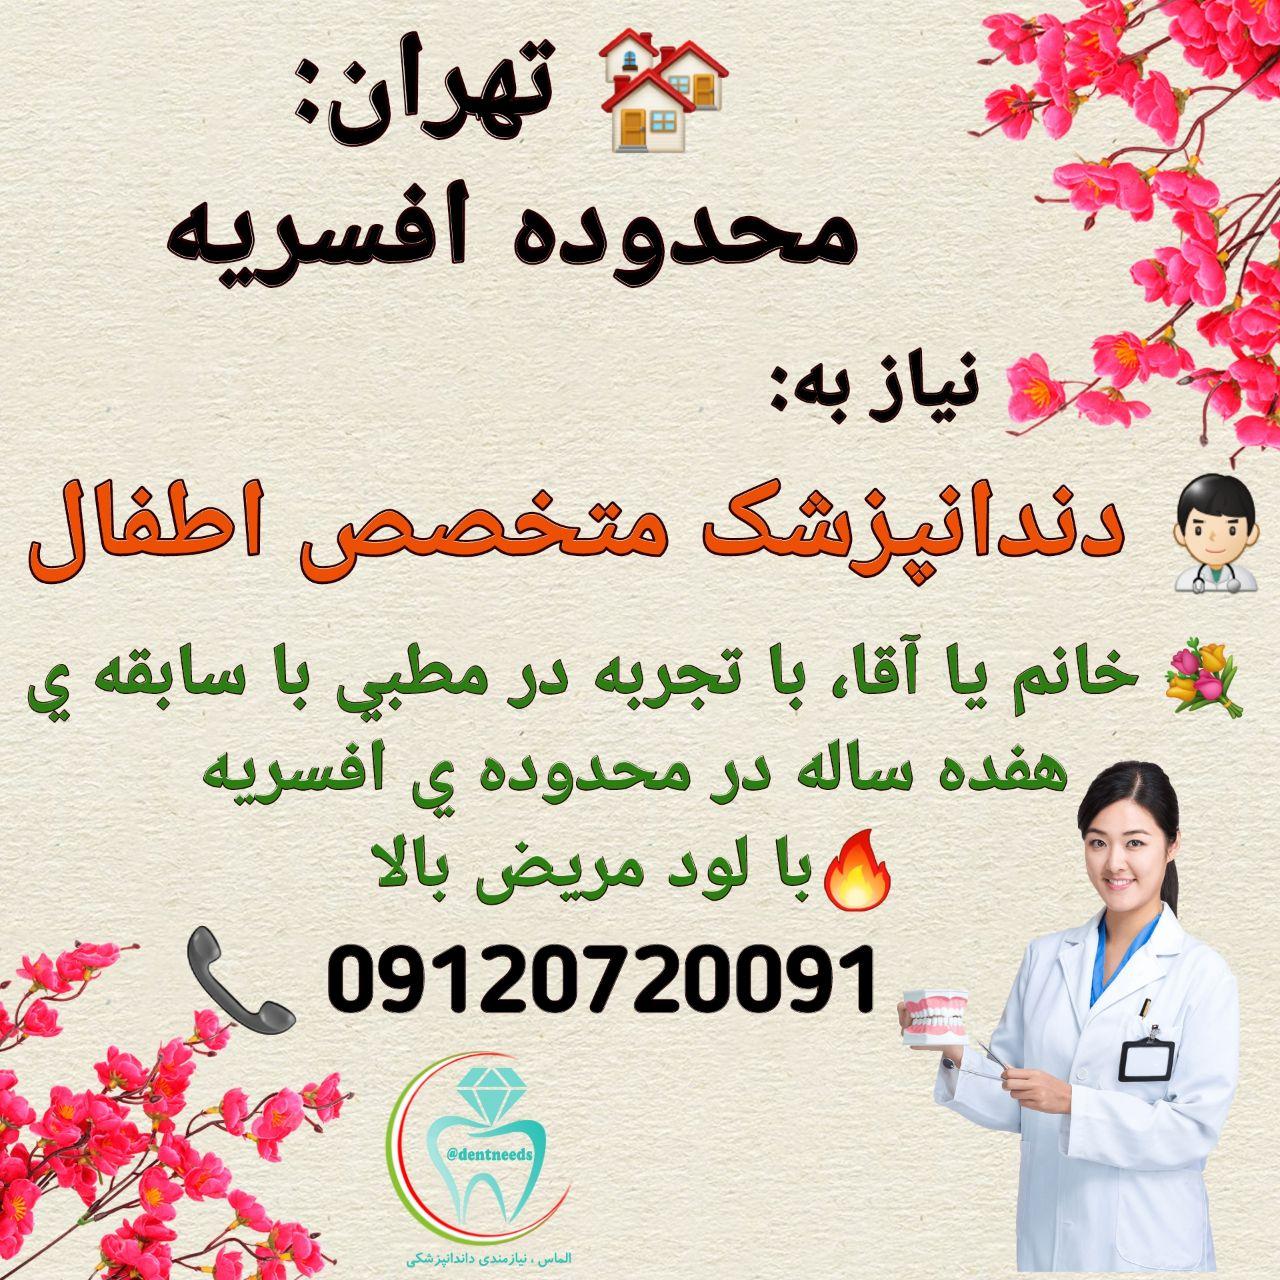 تهران: محدوده افسریه، نیاز به دندانپزشک متخصص اطفال